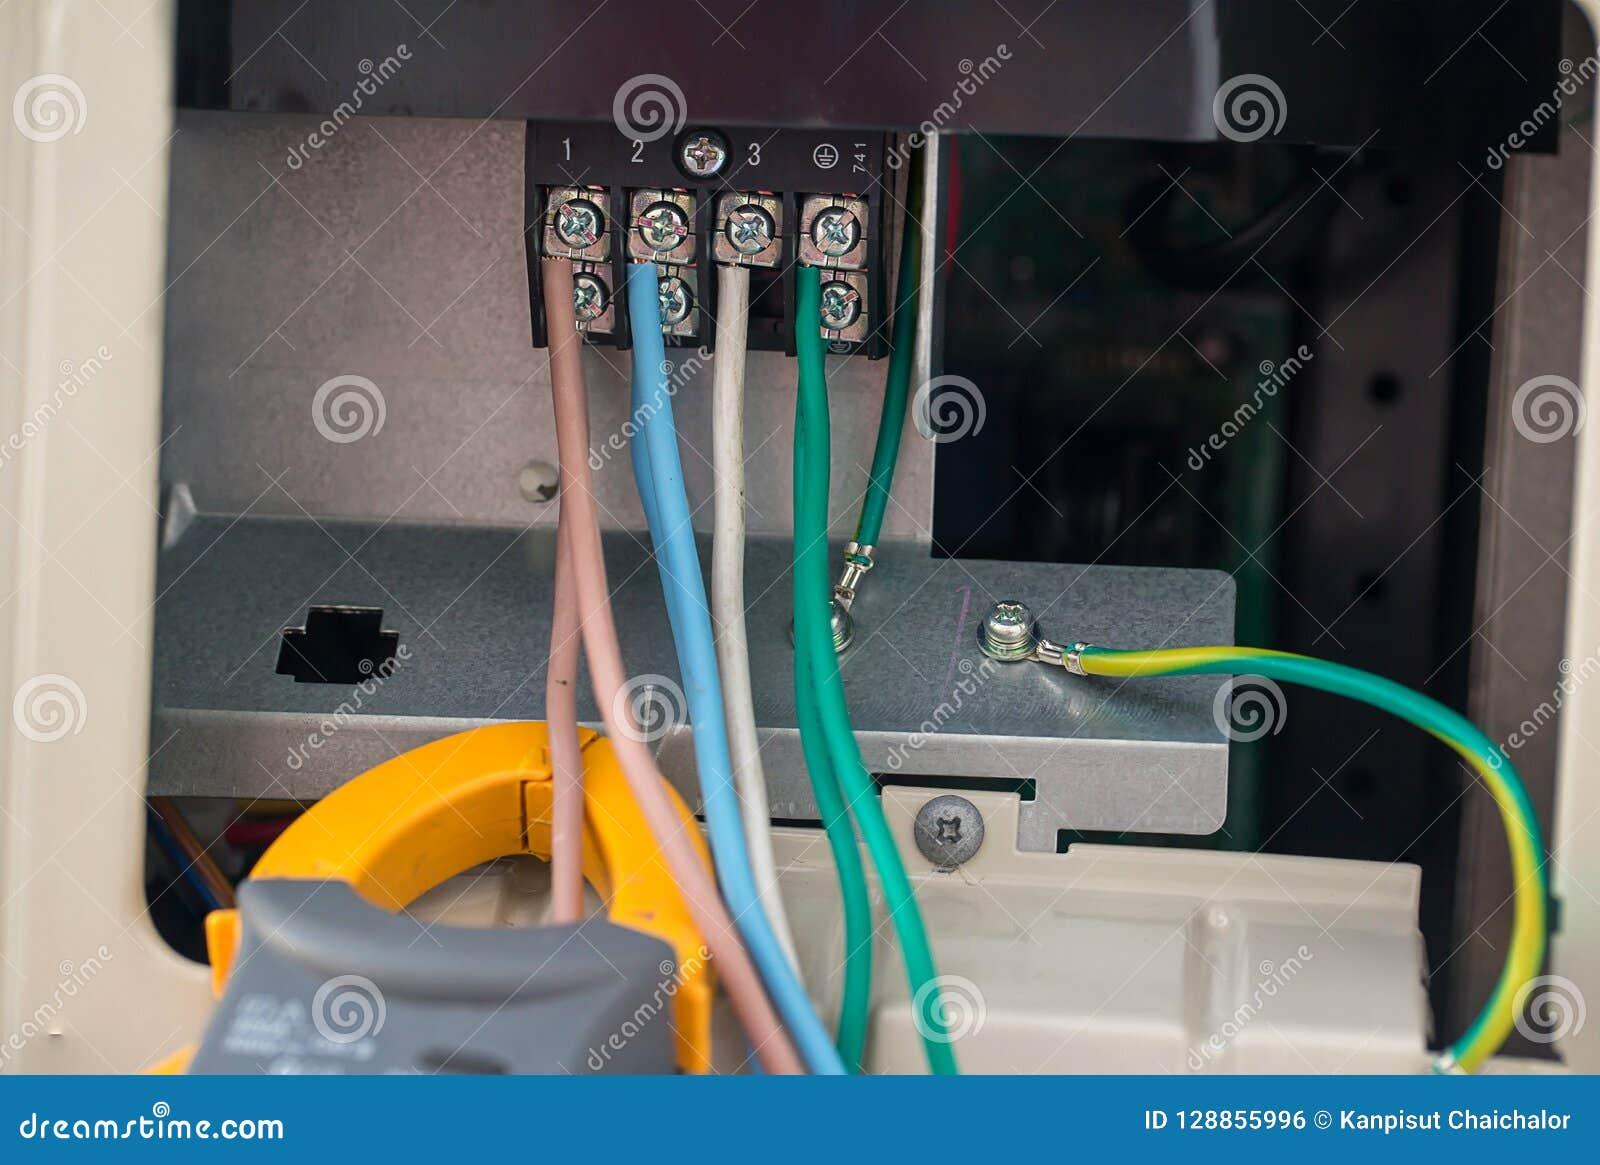 Elektrokabels met eindblok de elektrodraden wordt verbonden met klemmen in machtssysteem van direct voltage